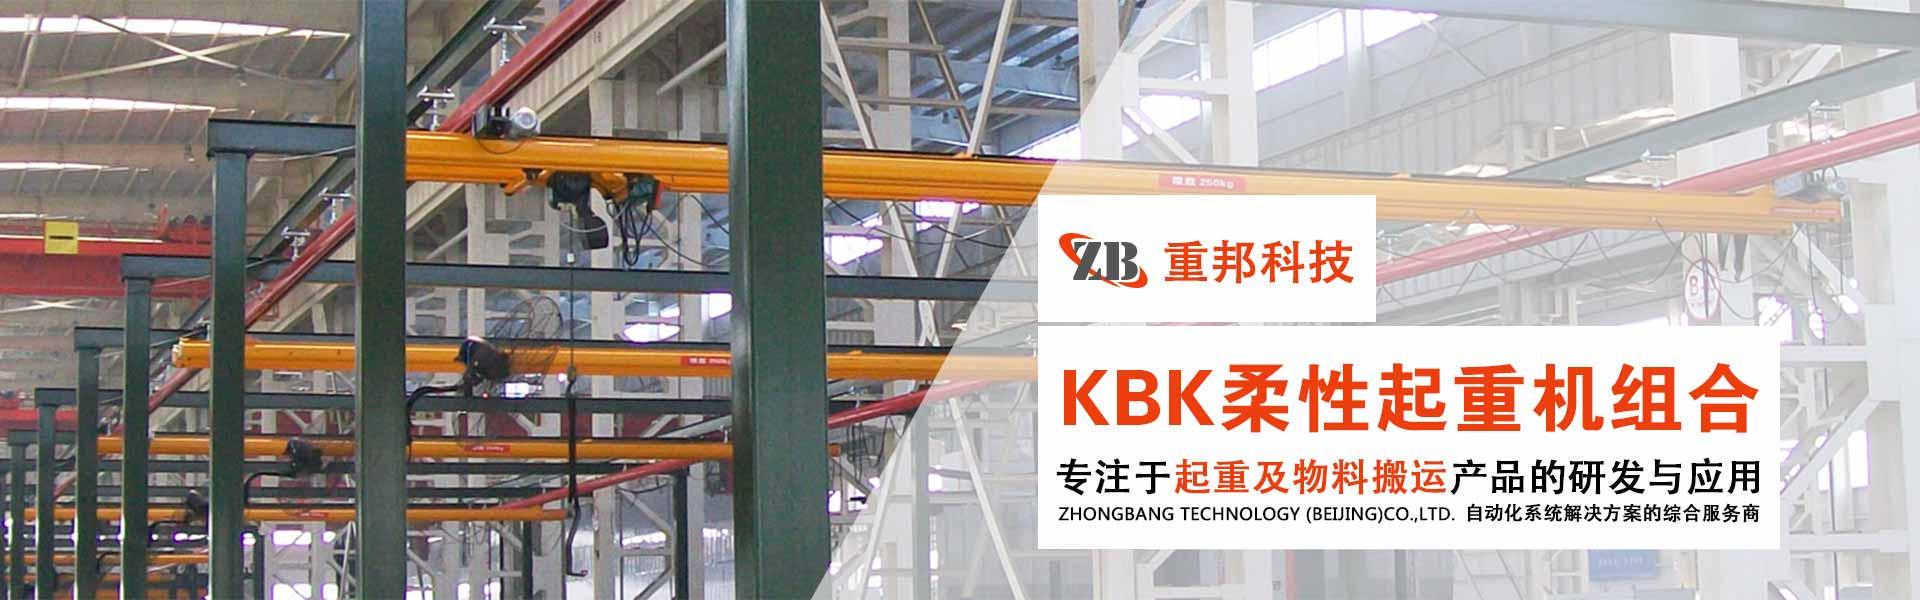 KBKxuanbi吊